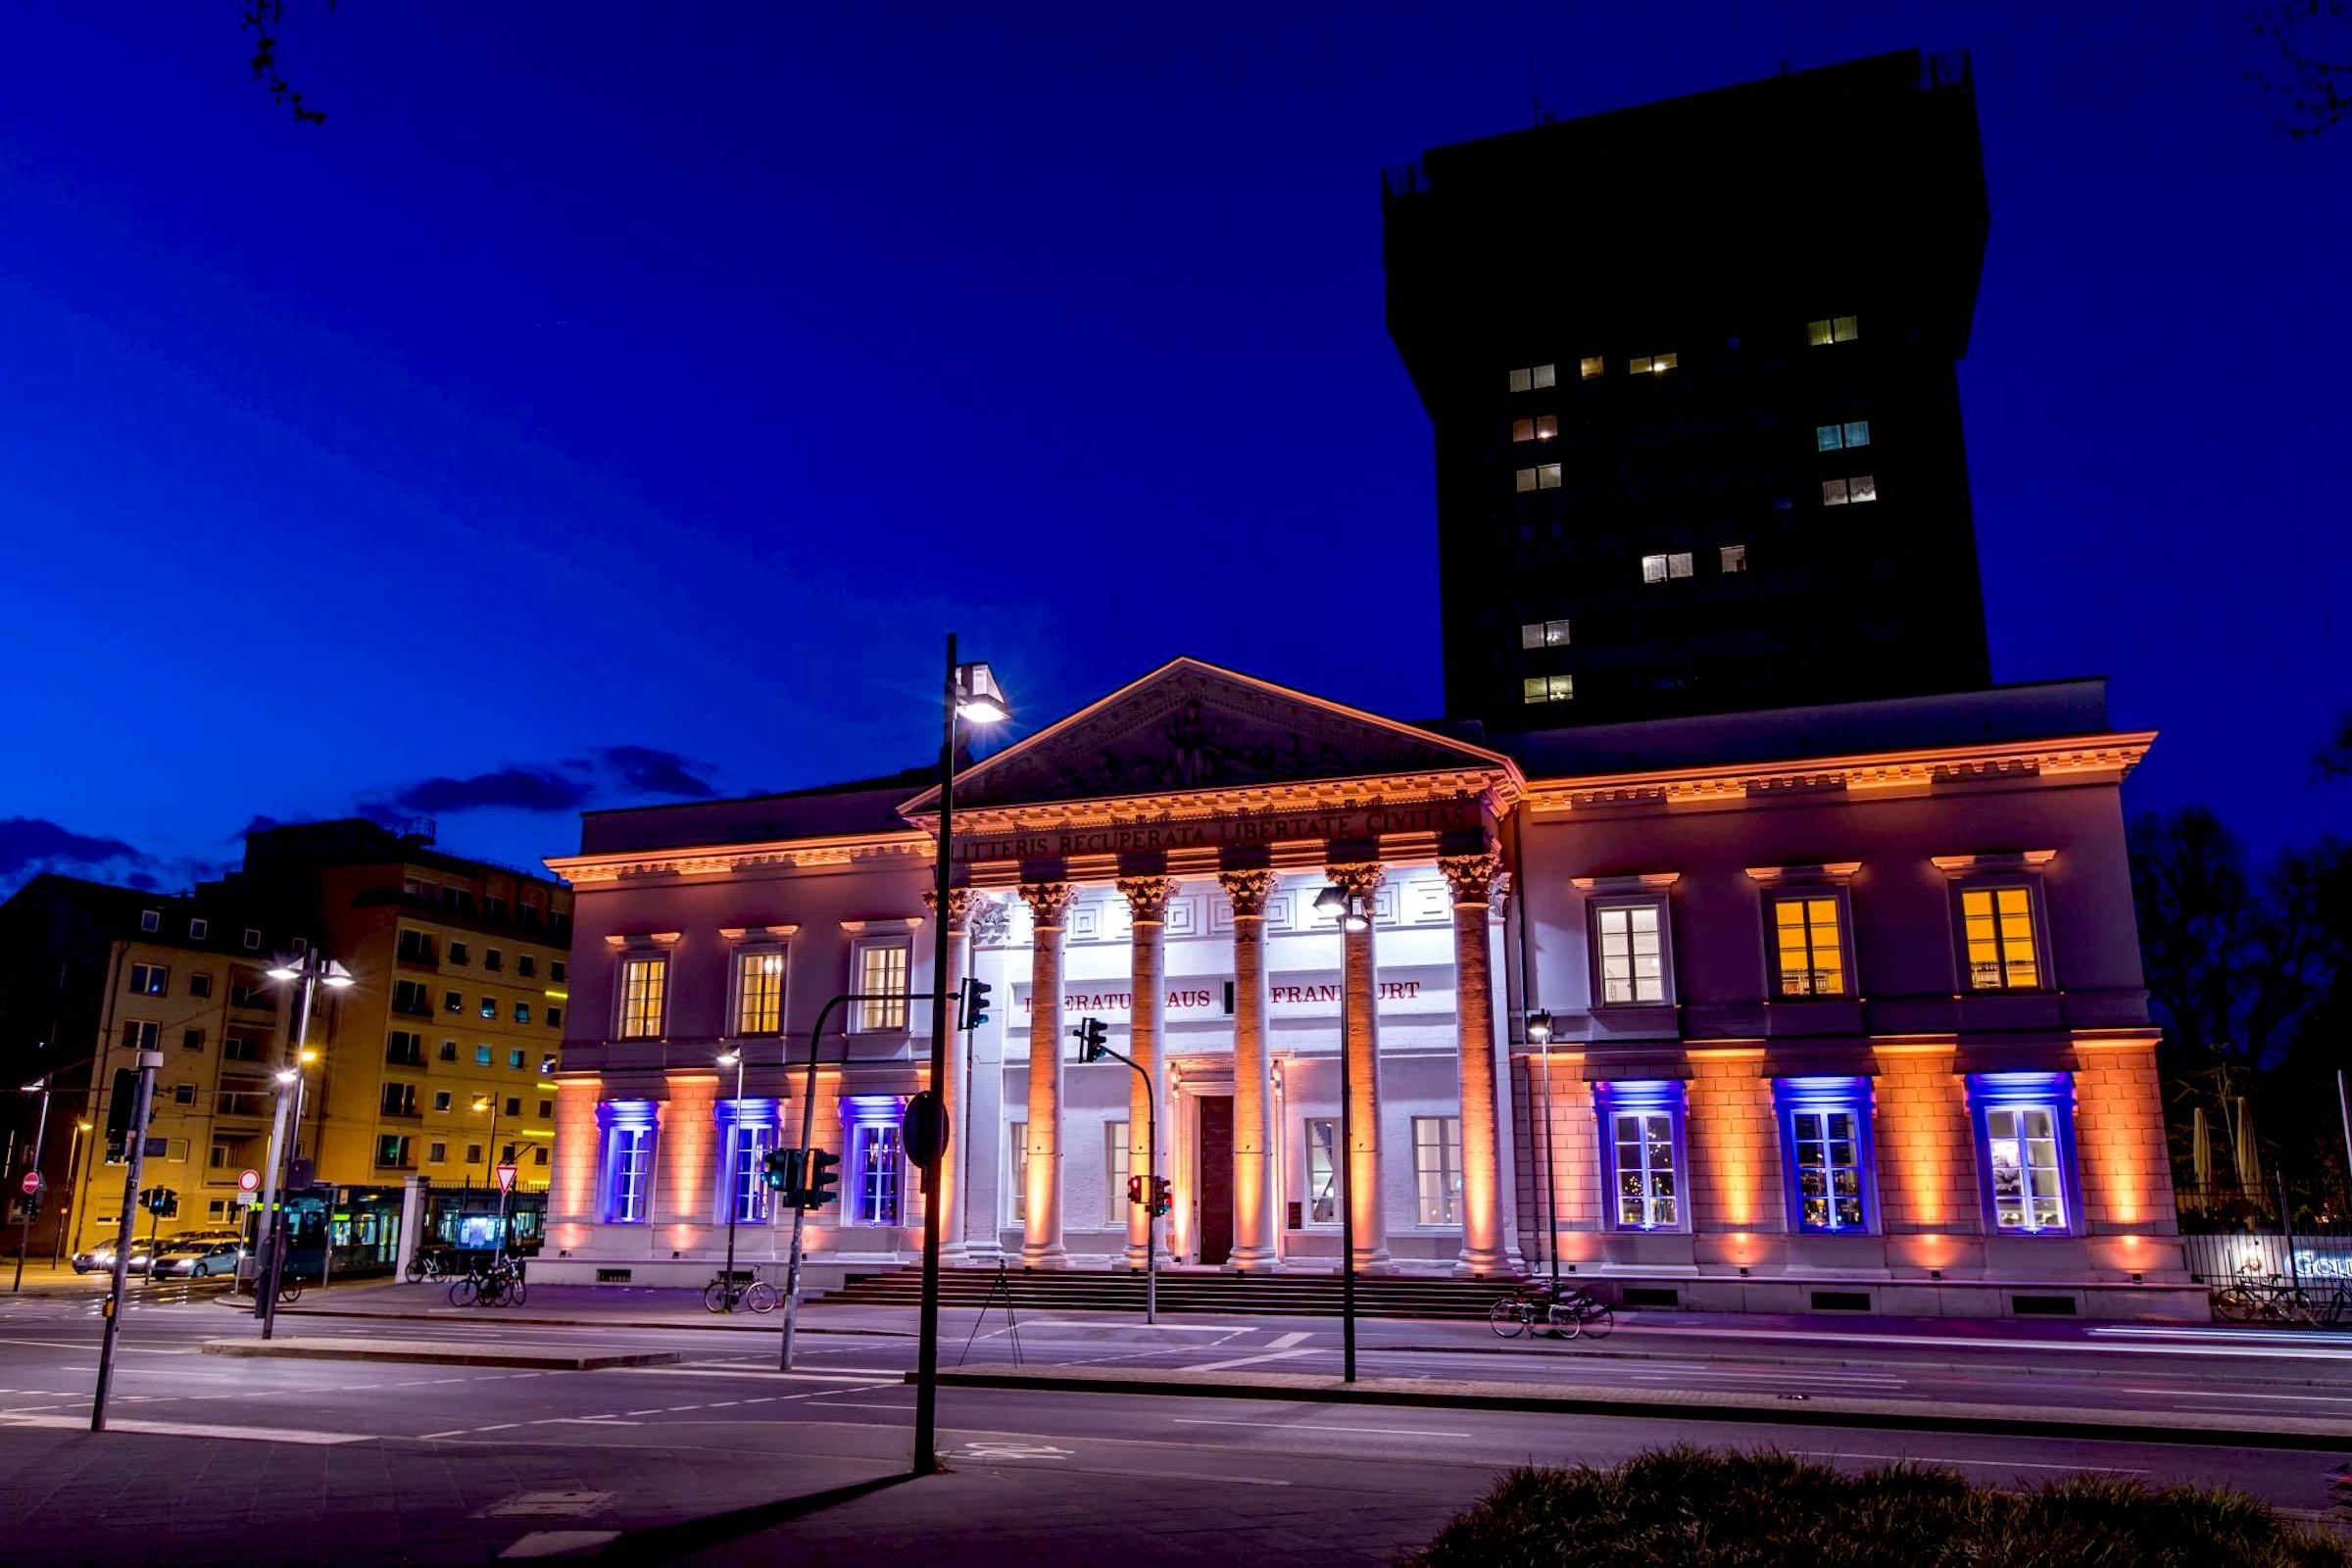 Lichttechnik |Outdoor |Veranstaltungstechnik |Hannover |Lehmann |Scheinwerfer |Lightshow |Eventservice |Lichttechnik |Illumination |Firmenkunden |Eventaustattung |Hannover |Mieten |Buchen